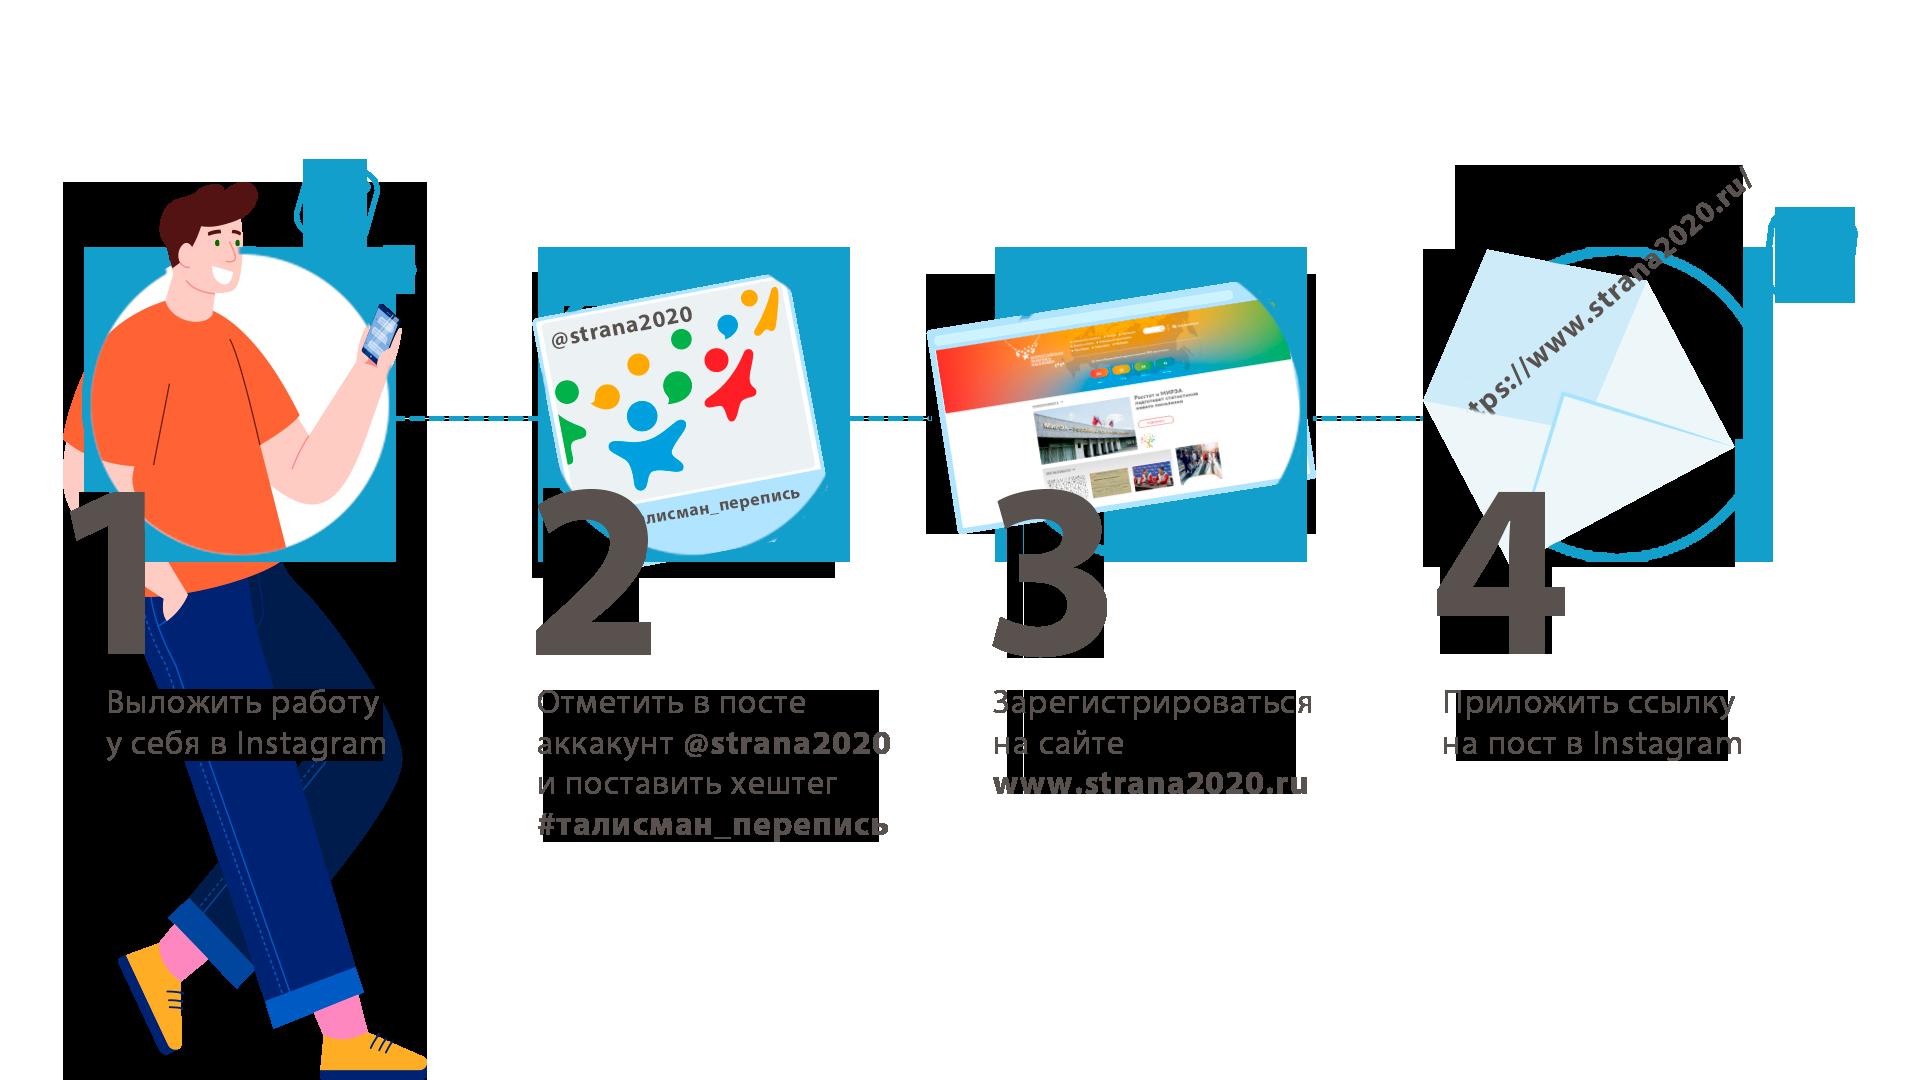 Жители Твери могут получить 60 000 рублей за талисман Всероссийской переписи 2020